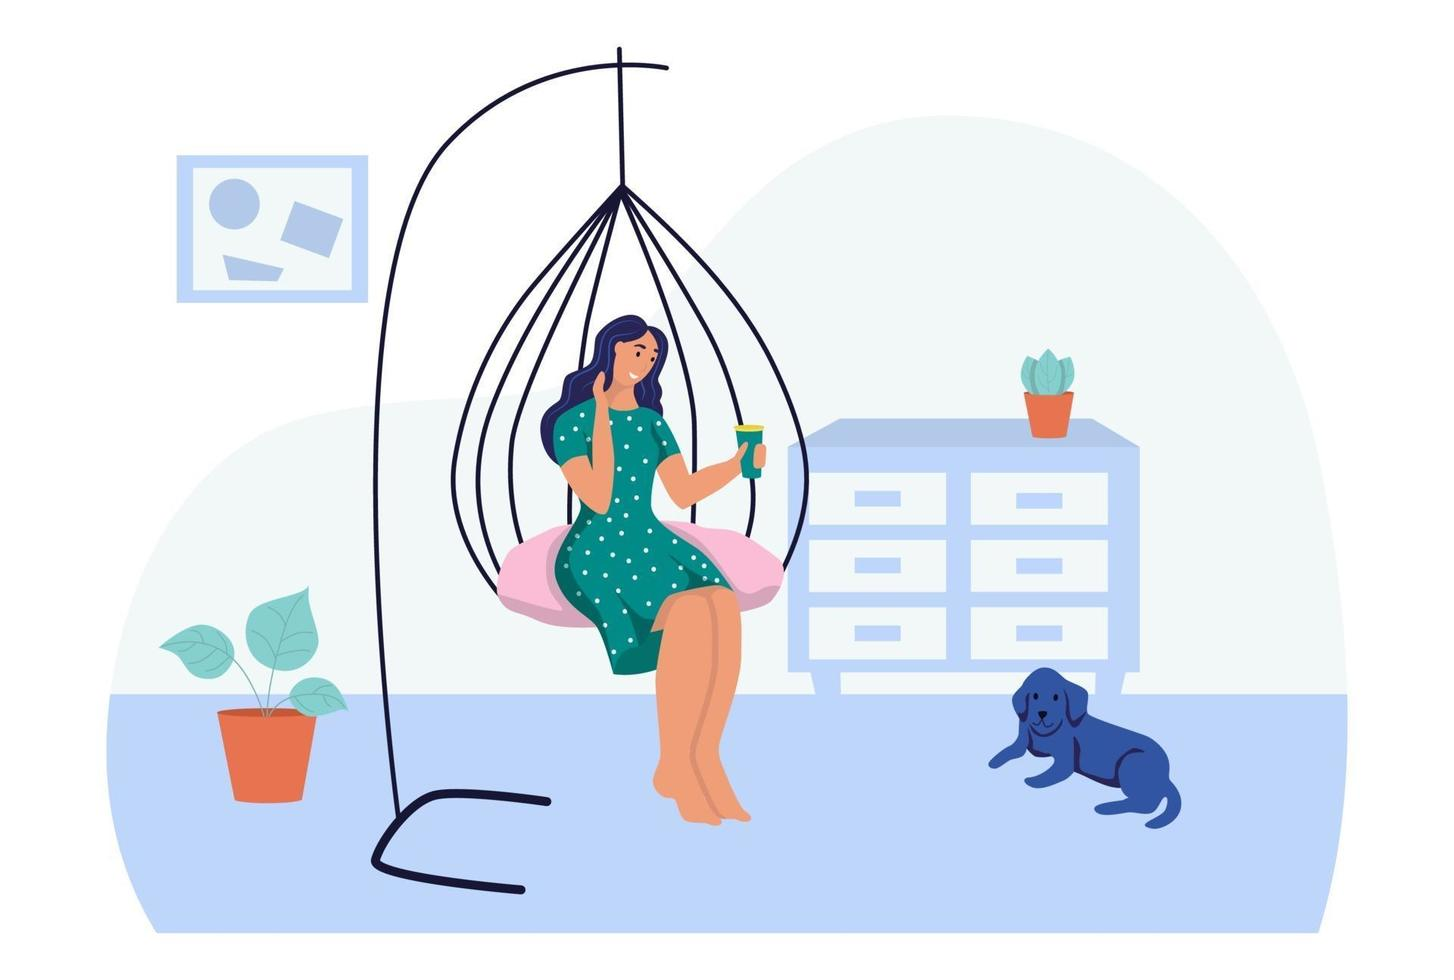 uma jovem está sentada em uma cadeira de casulo suspensa. o conceito de vida cotidiana, lazer cotidiano e atividades de trabalho. ilustração em vetor plana dos desenhos animados.